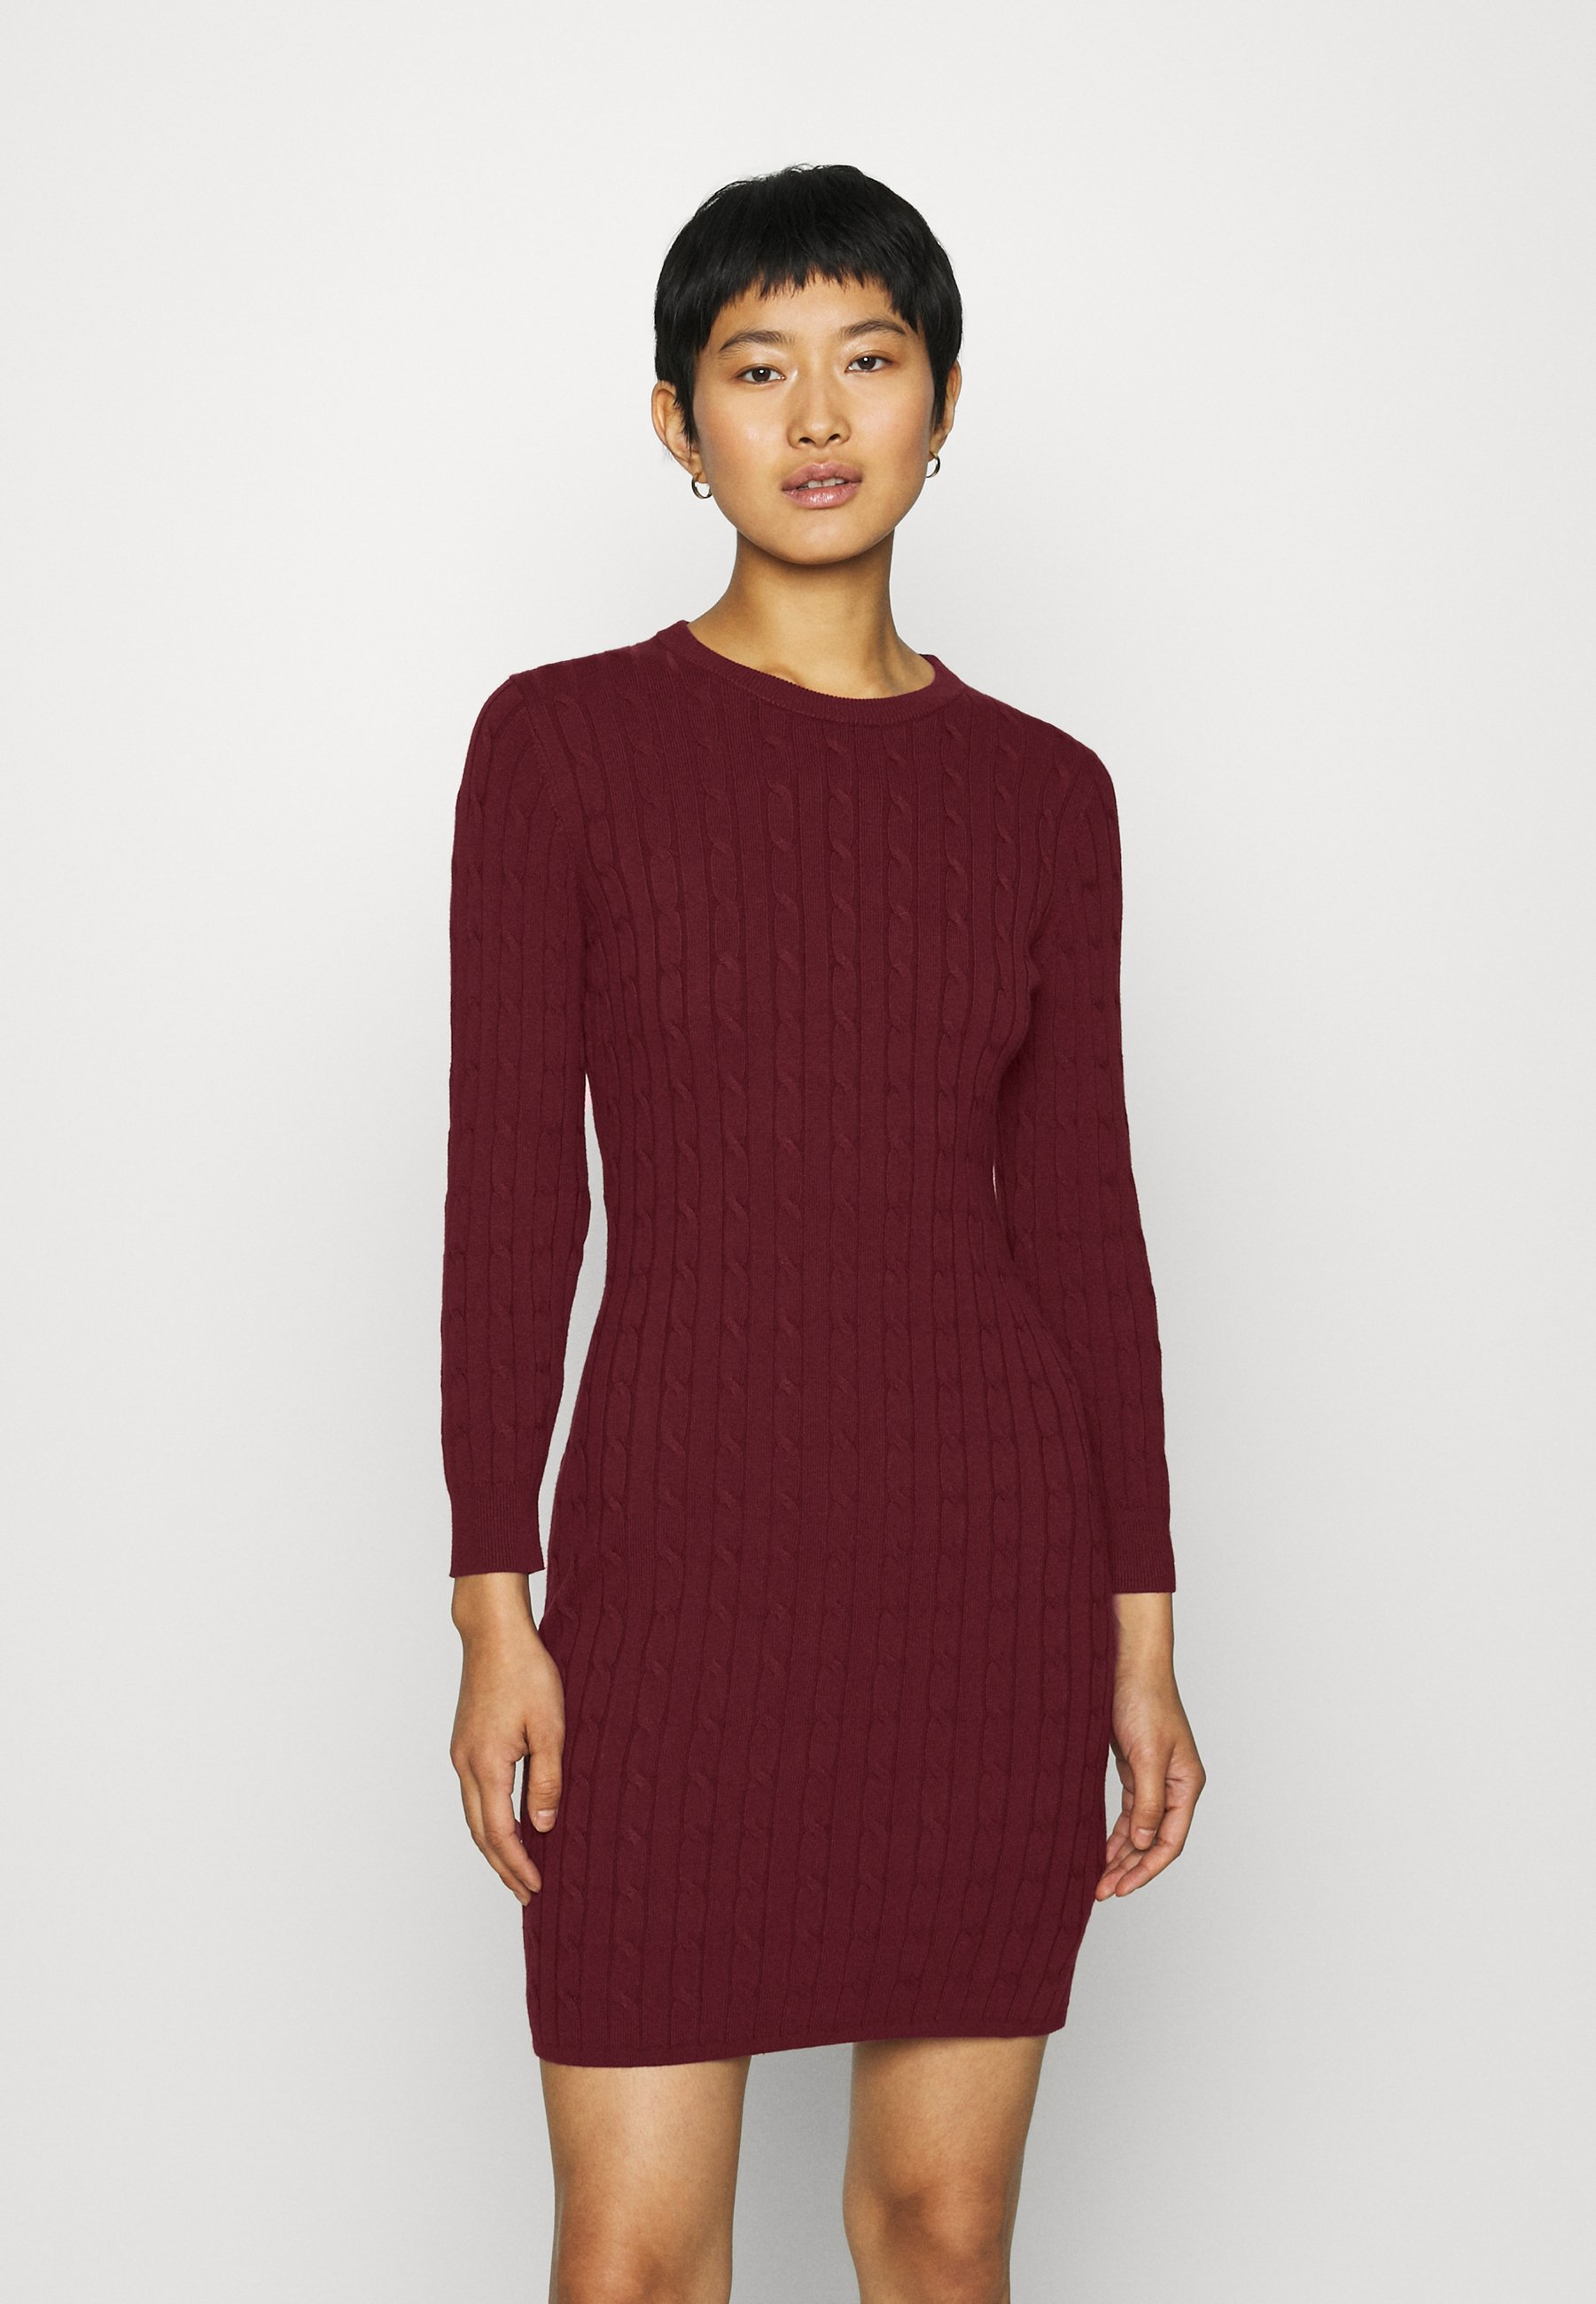 GANT STRETCH CABLE DRESS - Strickkleid - port red | Damenbekleidung 2020